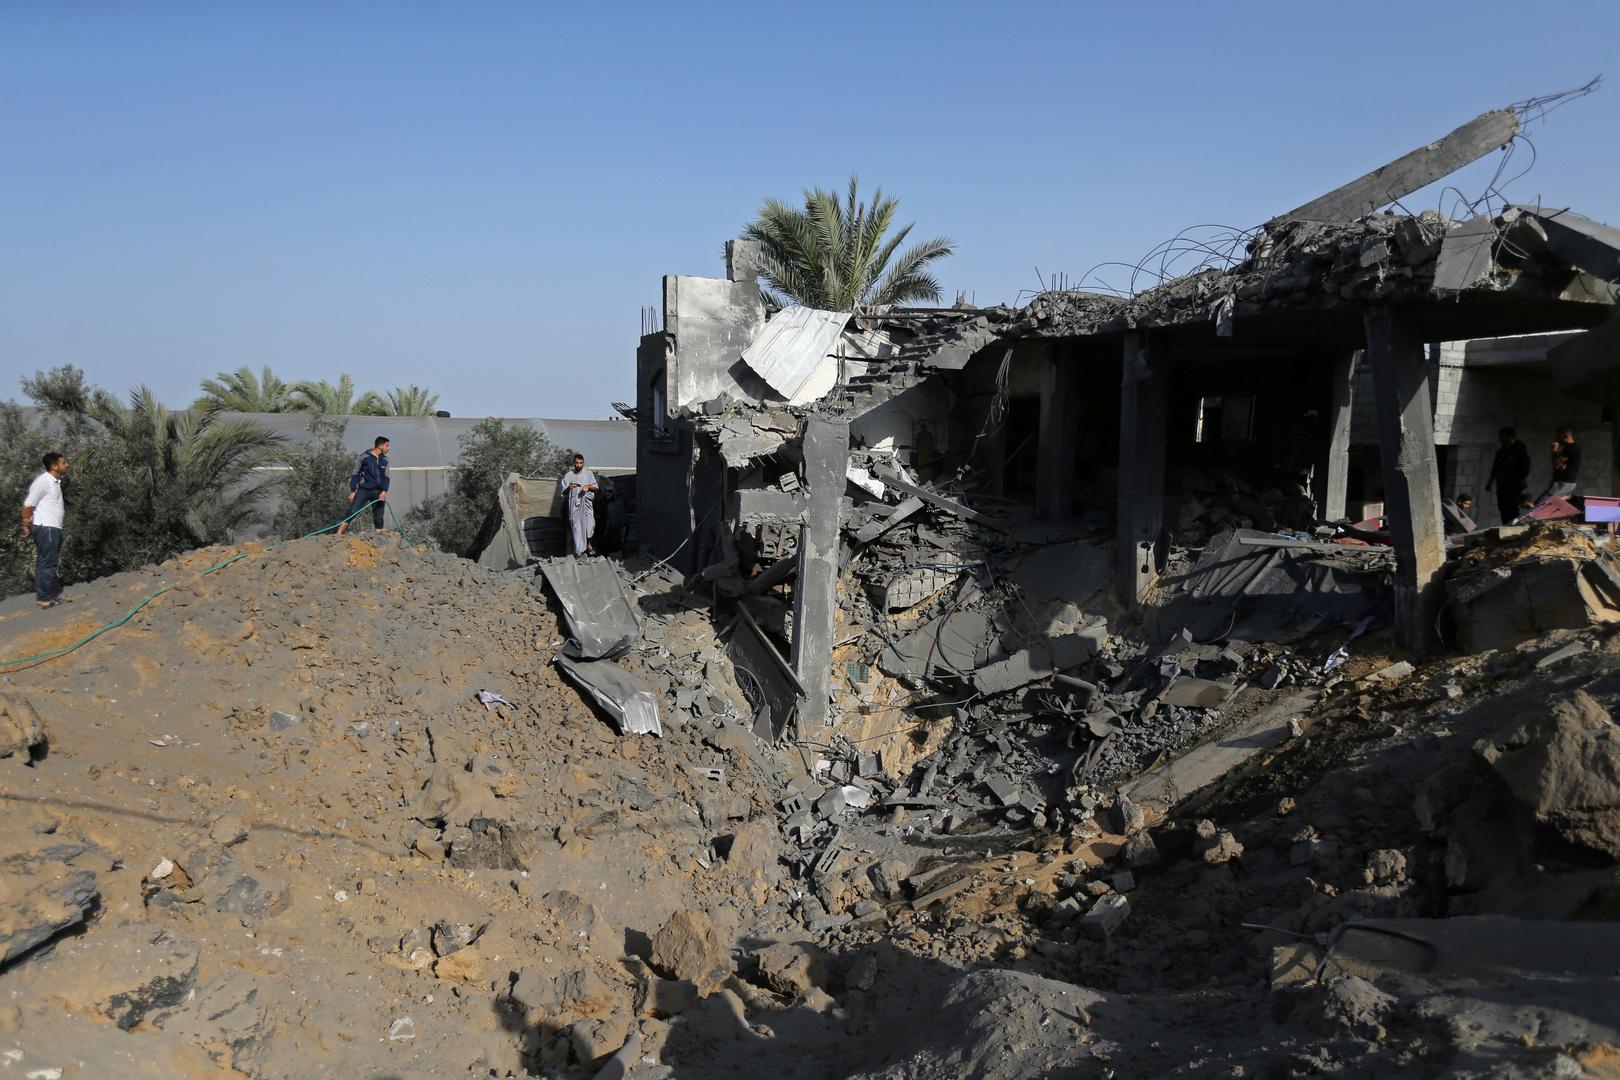 الغارات الإسرائيلية على قطاع غزة -13/11/2019